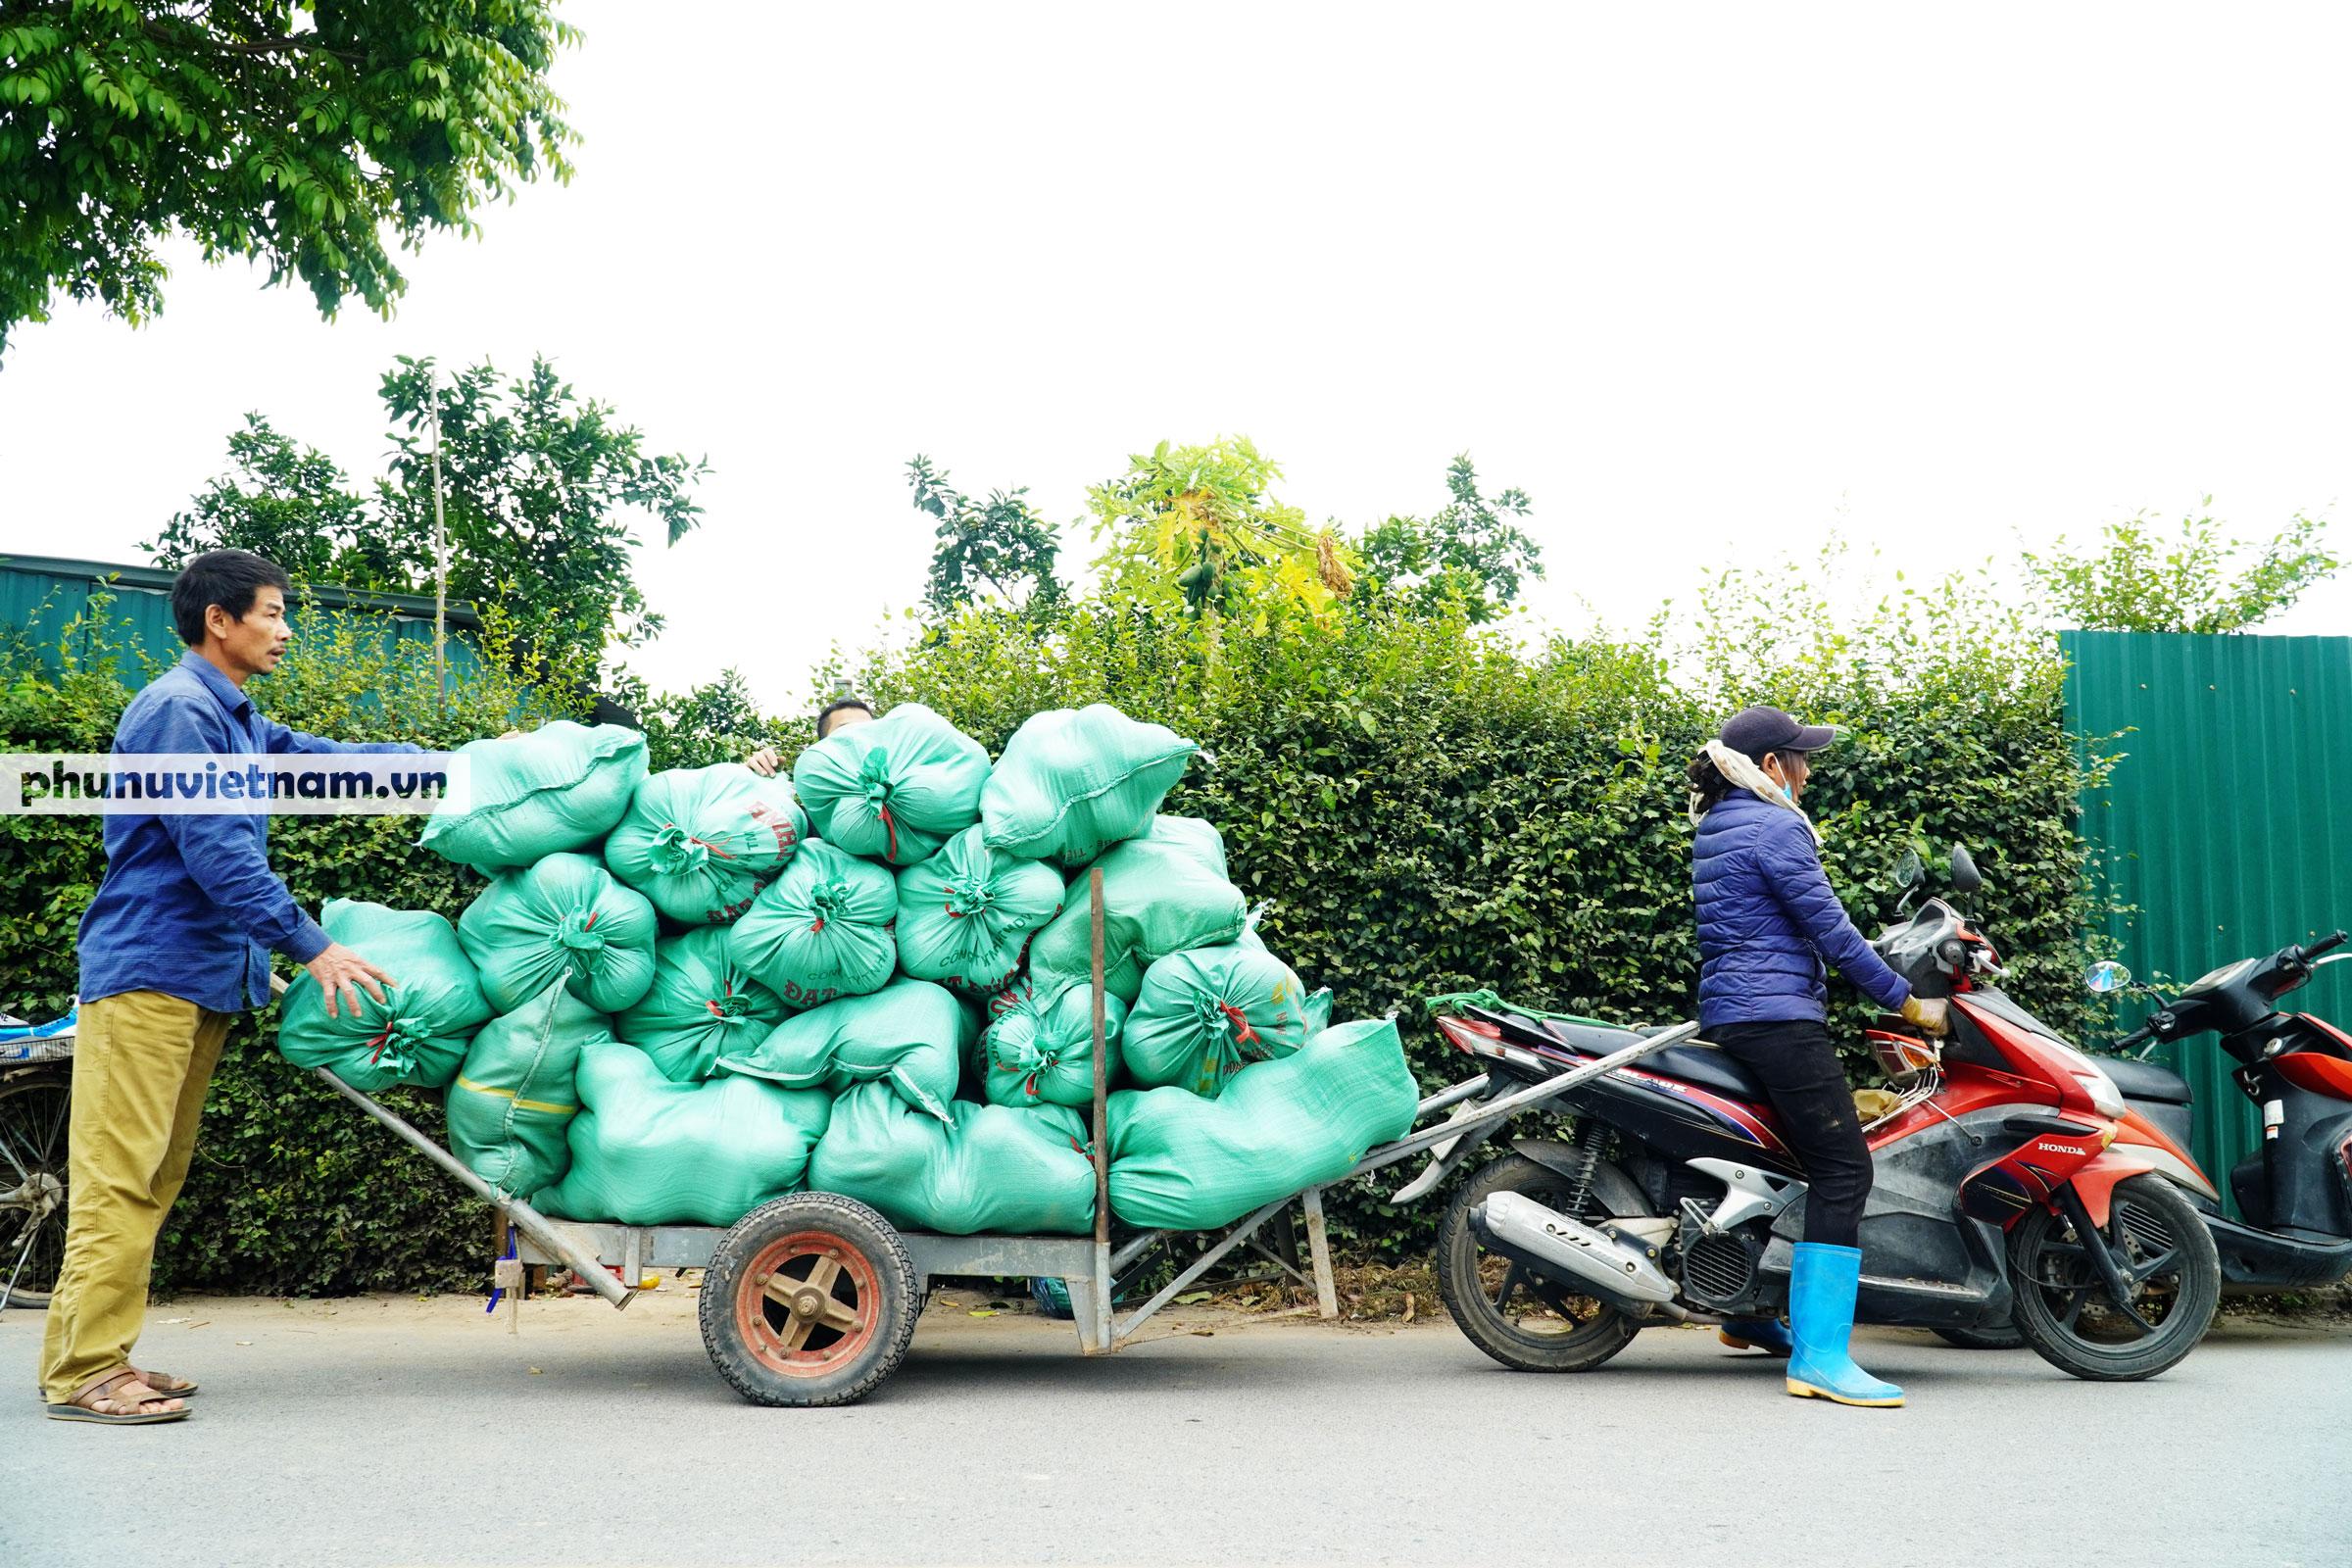 Vườn bưởi Diễn tuổi 30, chi chít cả trăm quả chào Xuân Tân Sửu - Ảnh 16.